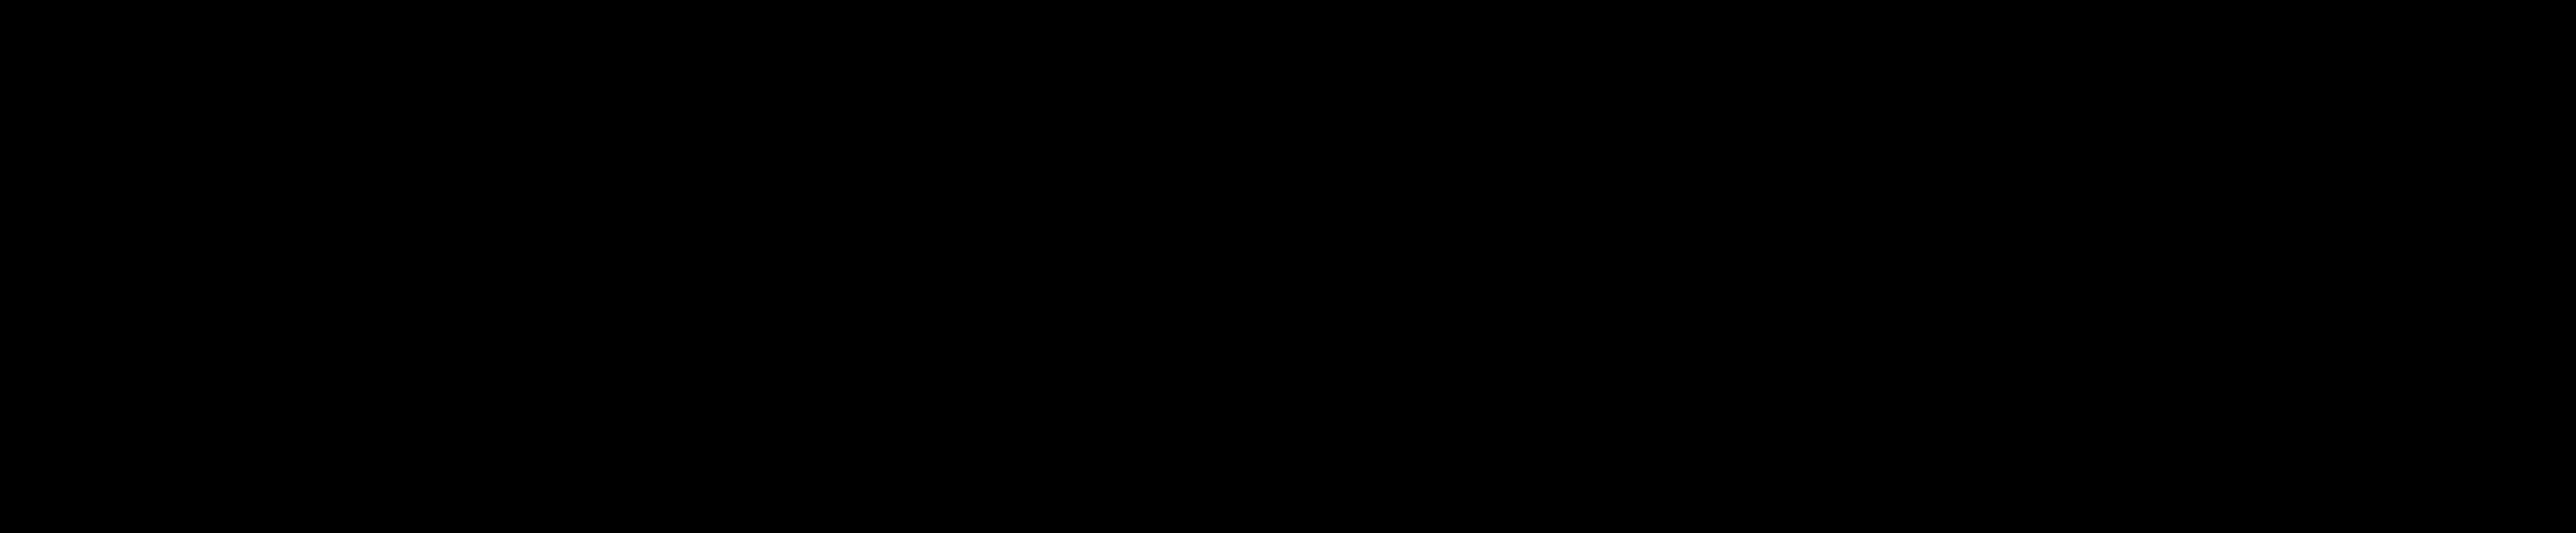 N-Biotinylcaproylaminocaproylaminoethyl methanethiosulfonate